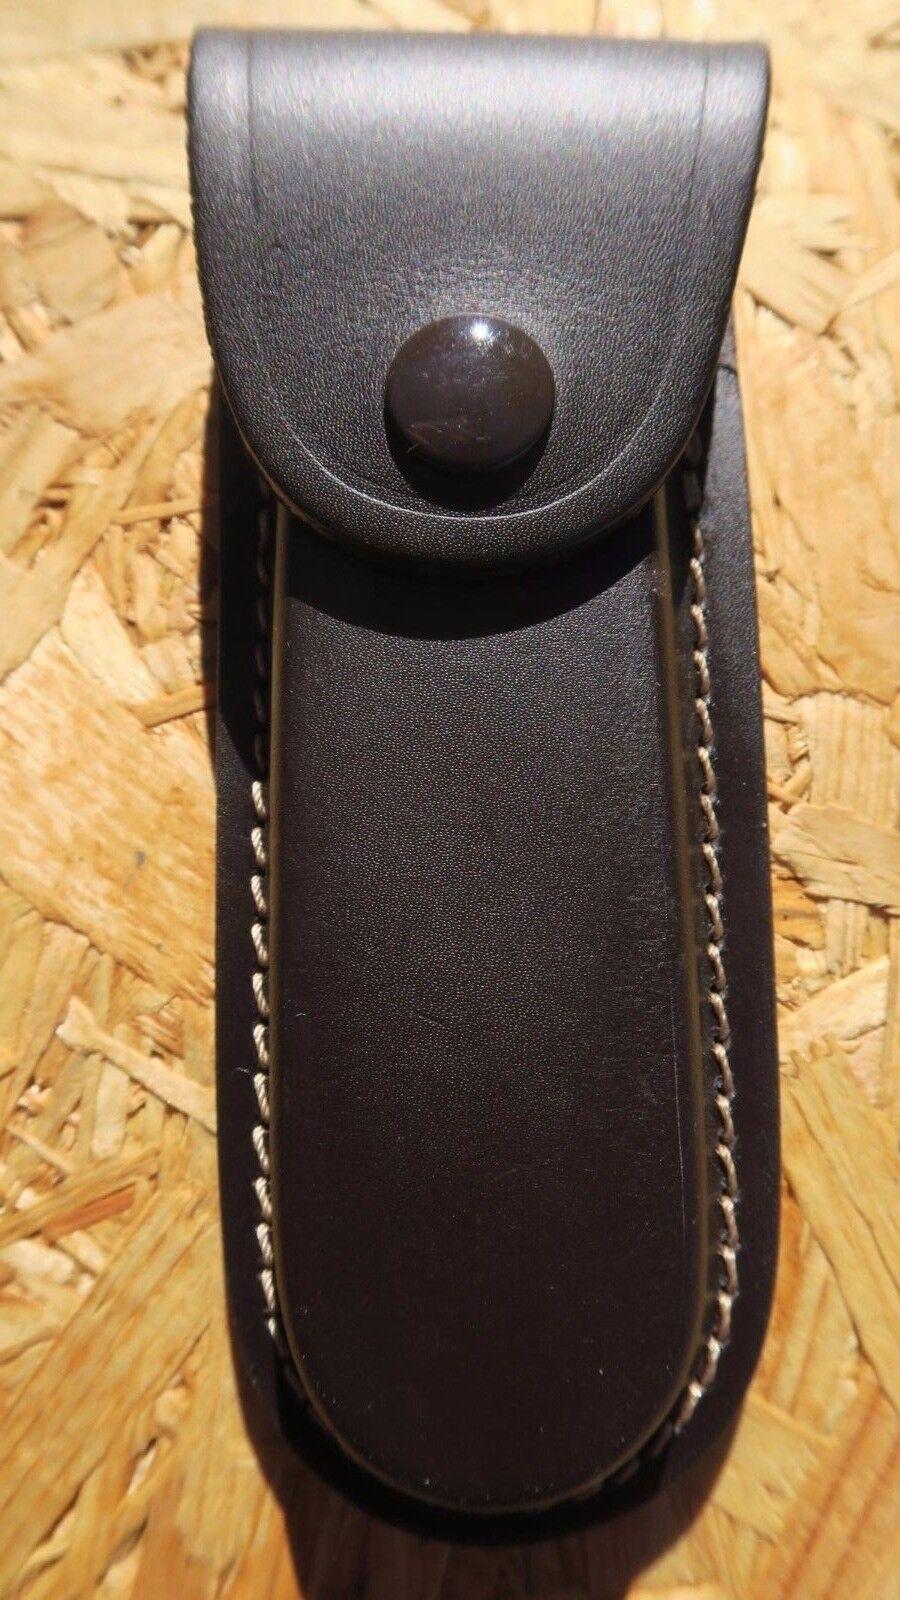 9913a886c98 HERBERTZ COUTEAU 12 cm couteaux étui cuir marron marron cuir travers couteau  de poche 2675120 87d732